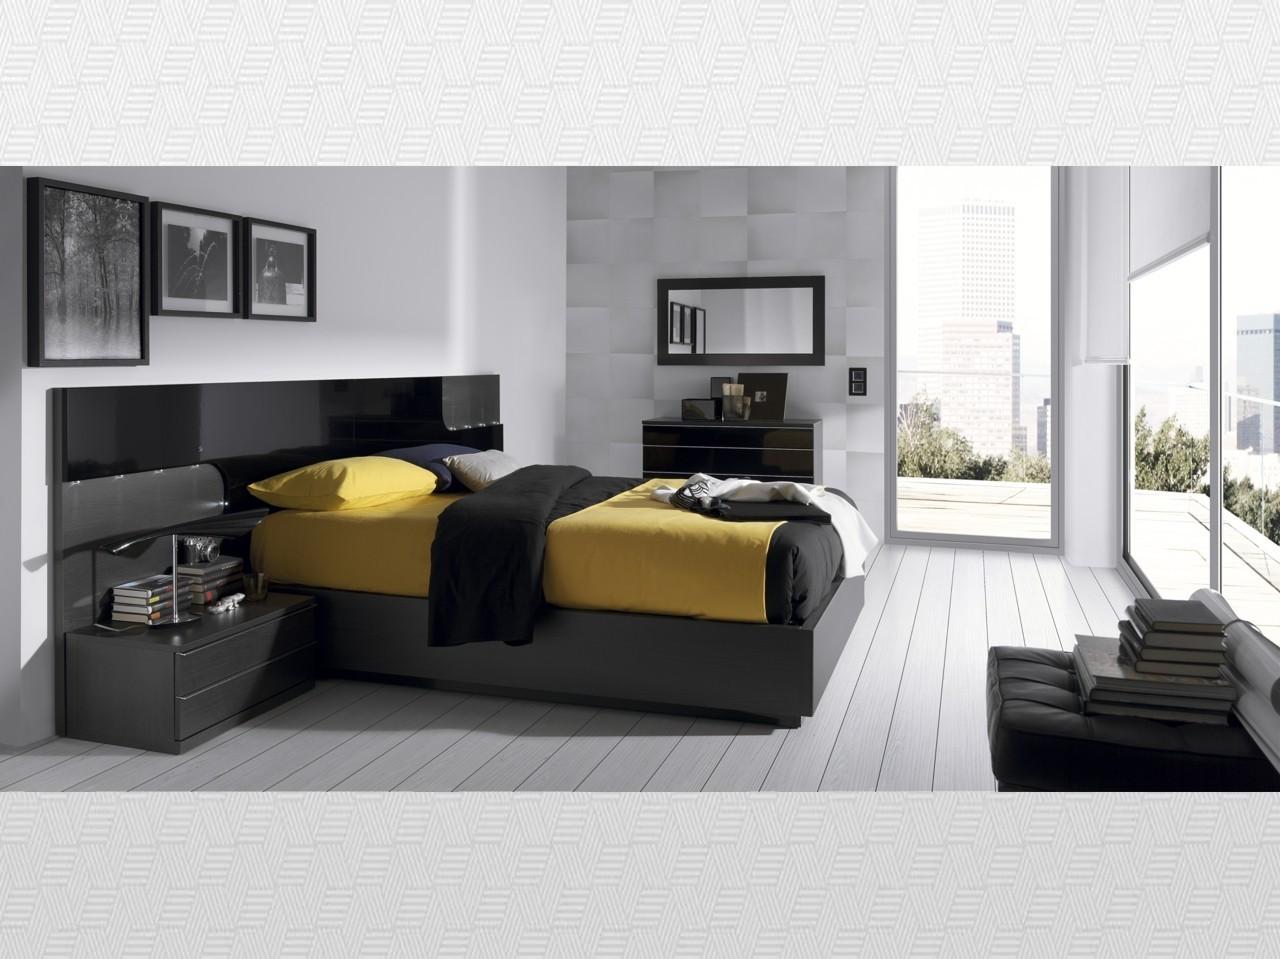 Dormitorio matrimonio ceniza  lacado negro del modelo Glicerio Chaves  Eos  Zaragoza